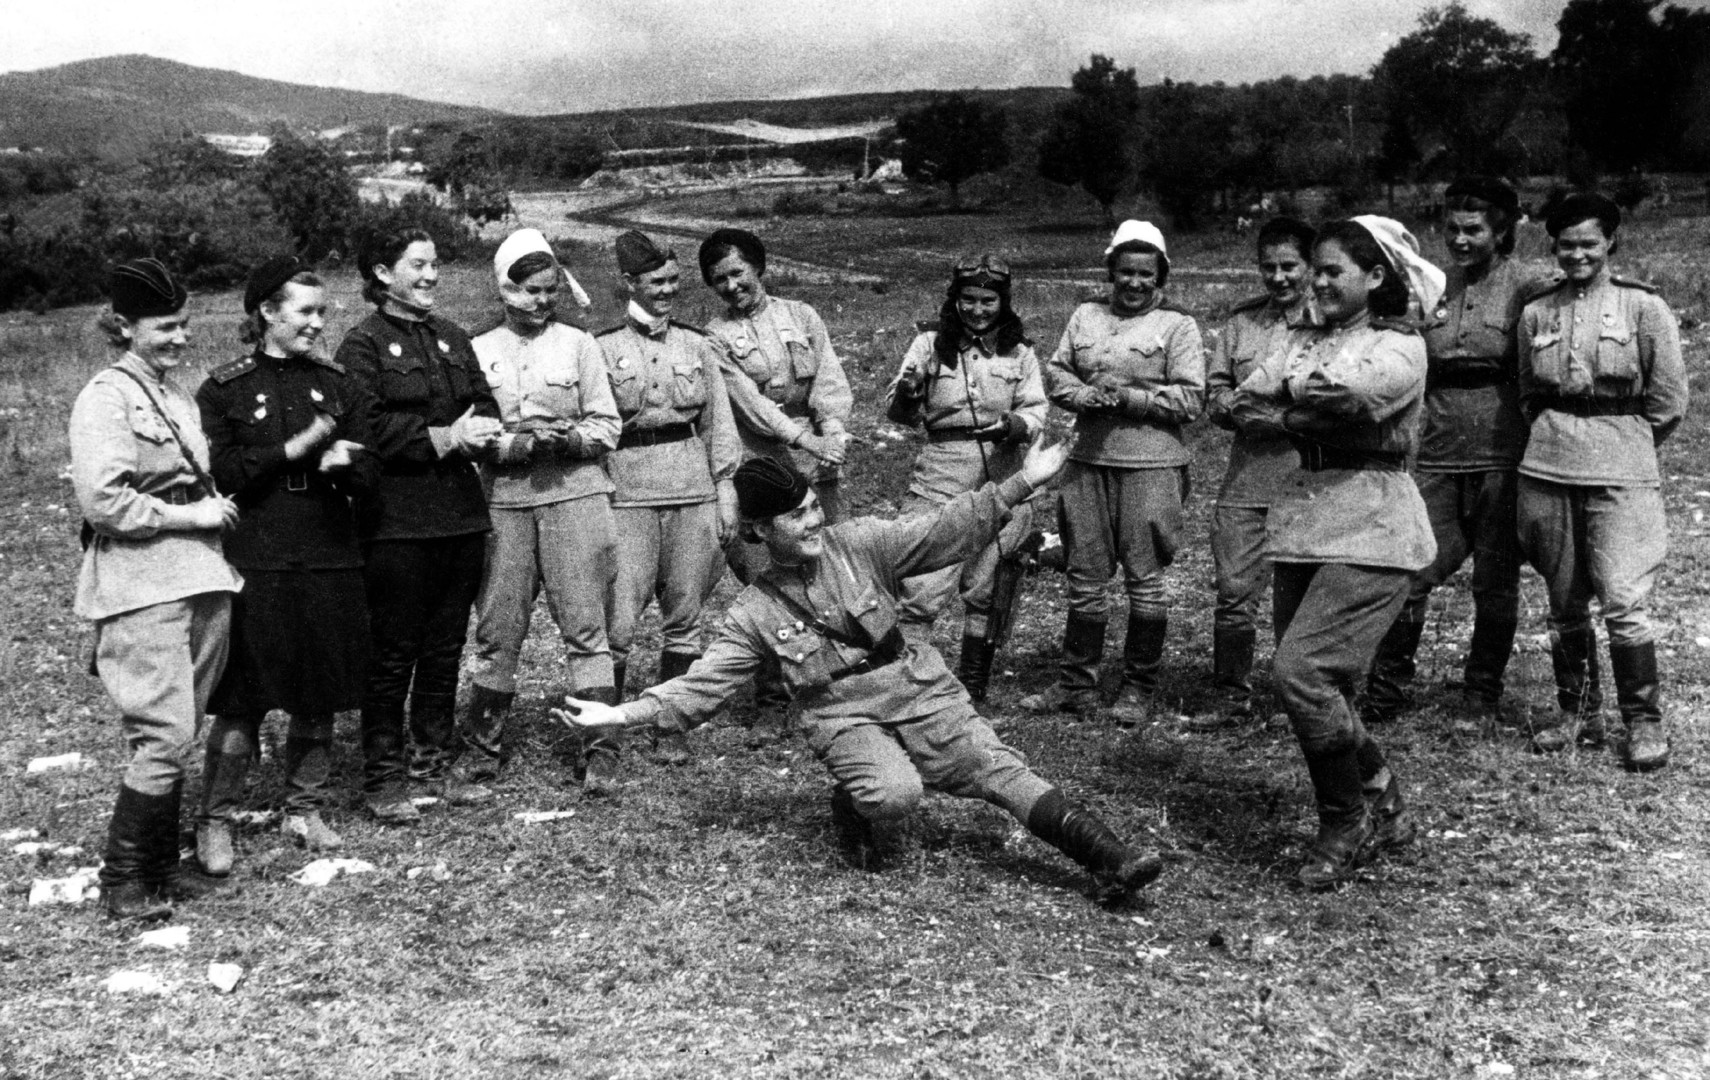 Befreiung: NVA-General analysiert letzte sowjetische Kriegsoperationen (Teil 2)